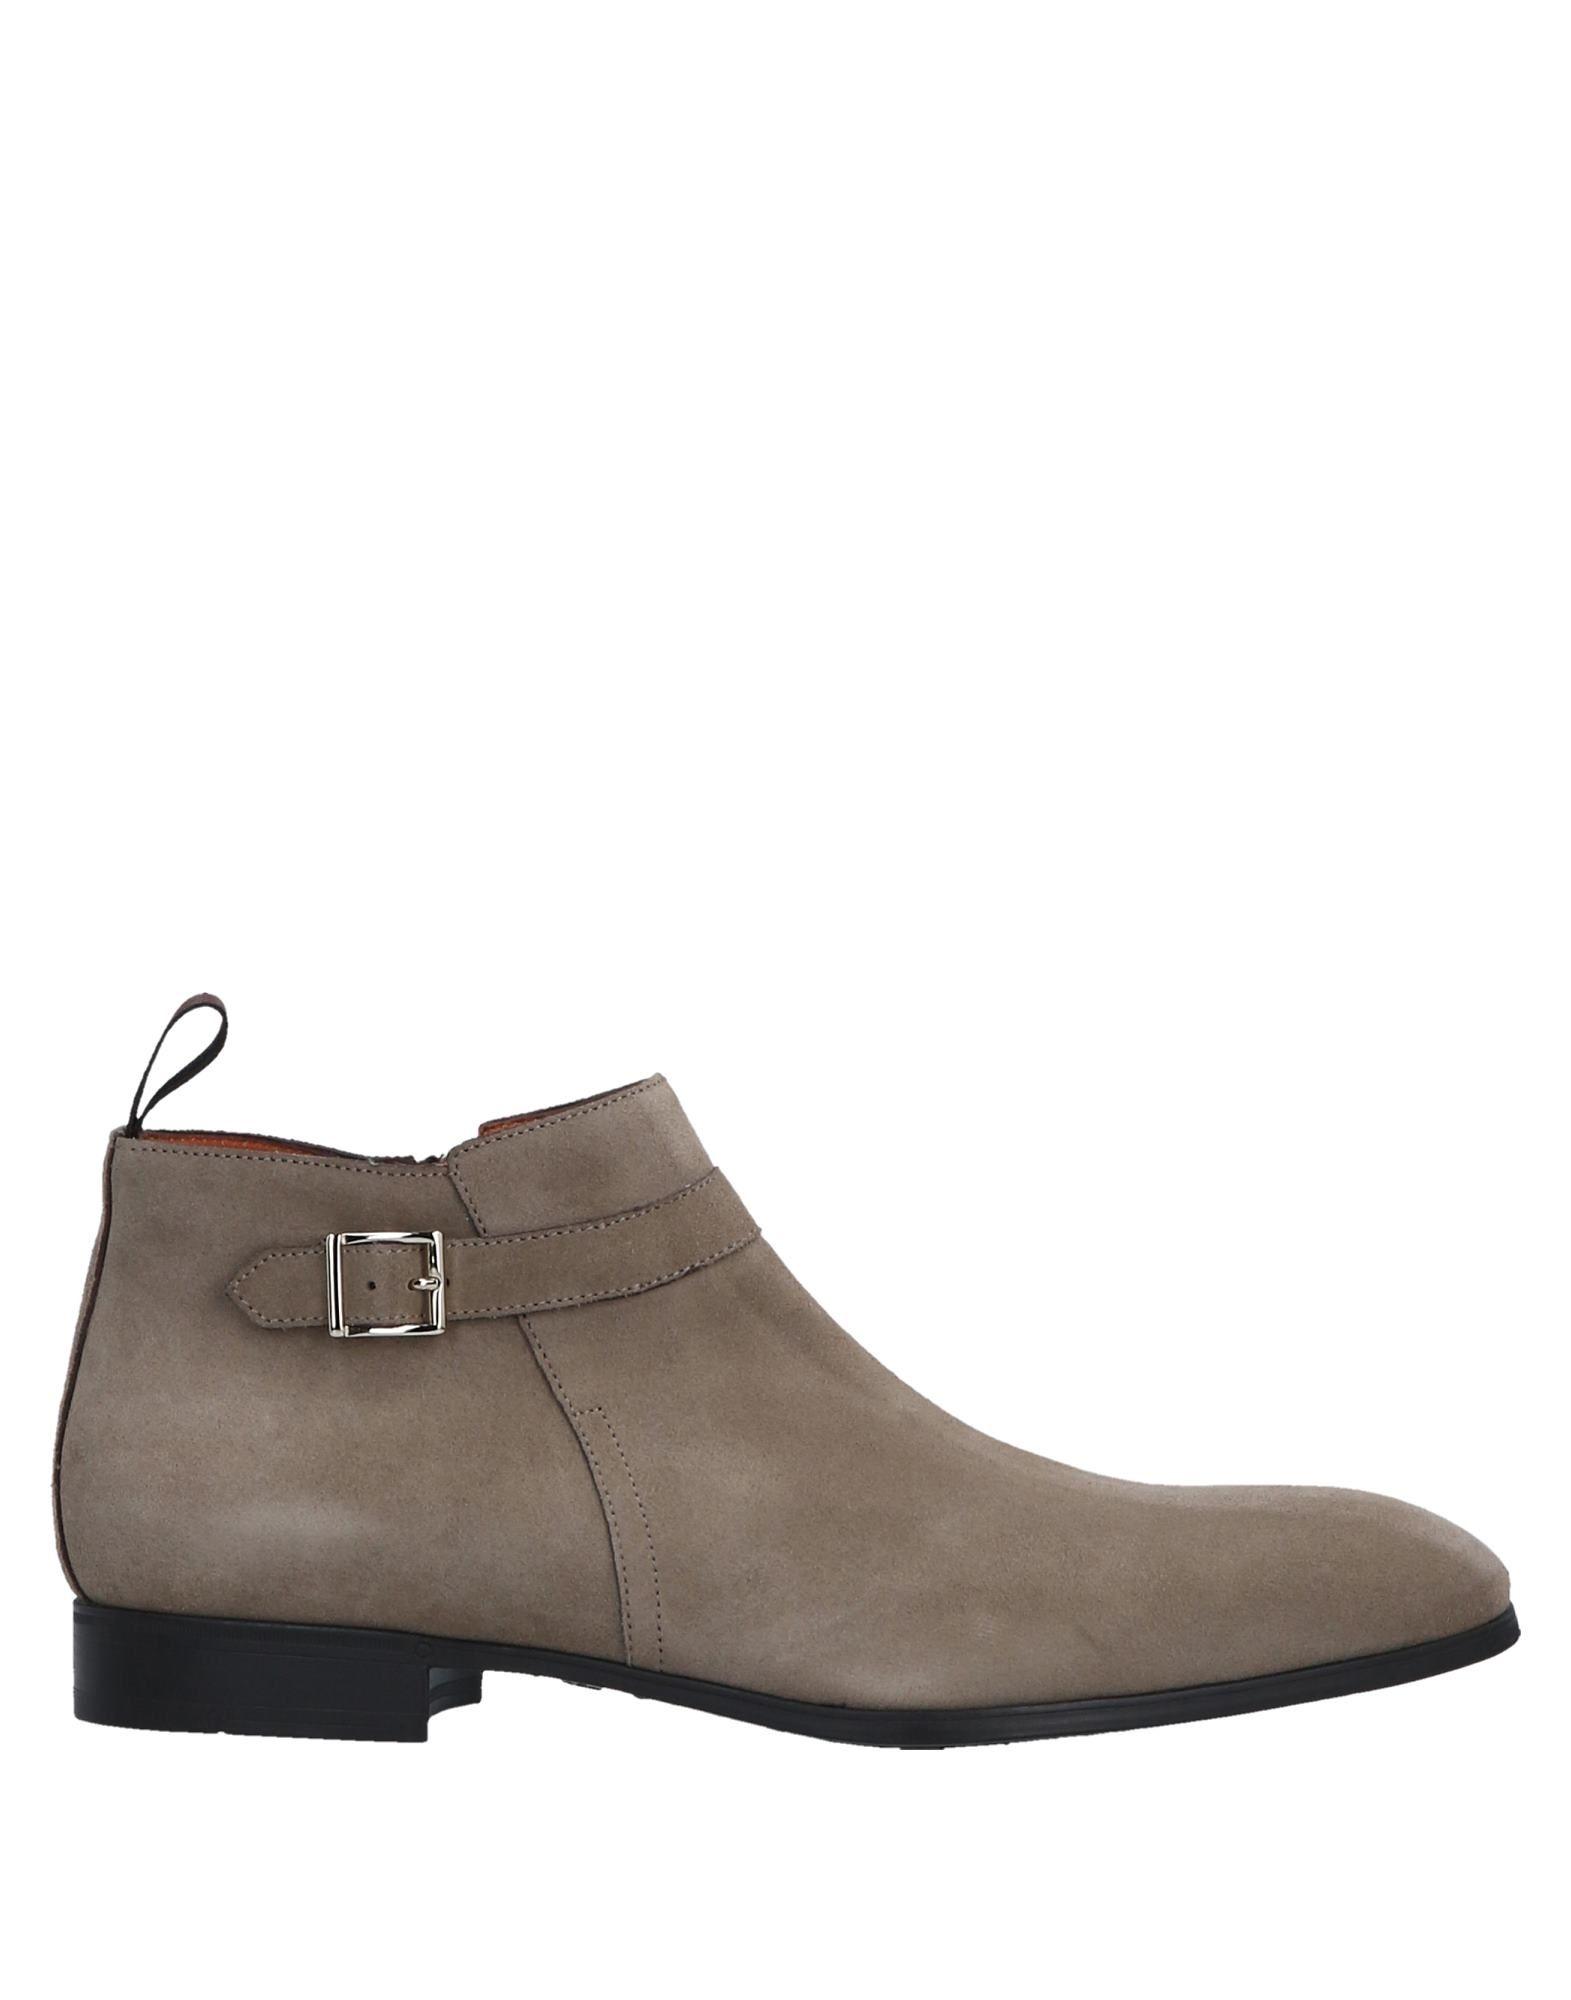 Santoni Stiefelette Herren  11541404BF Gute Qualität beliebte Schuhe